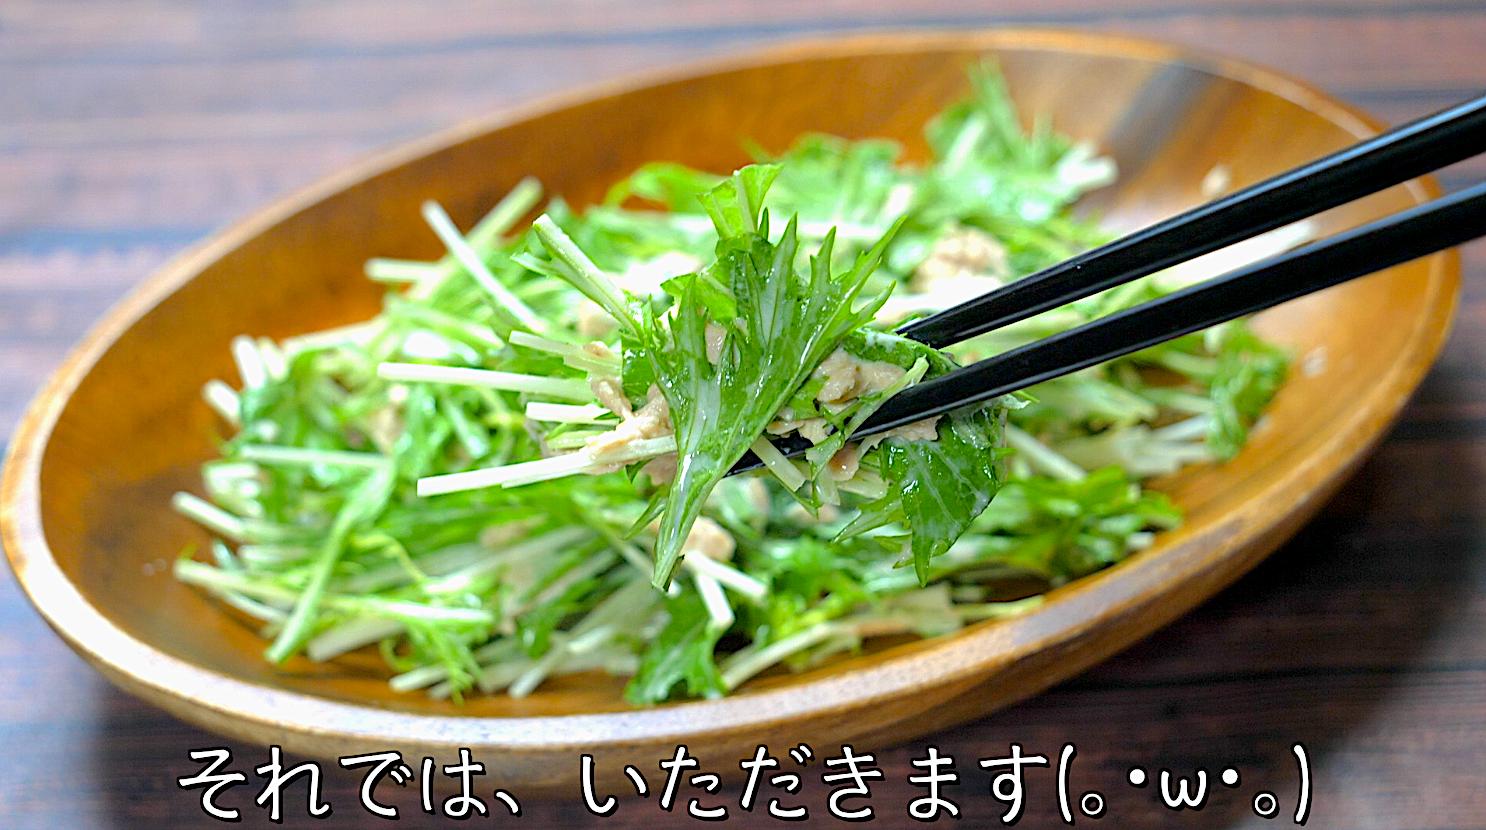 水菜 ツナ缶 サラダ レシピ